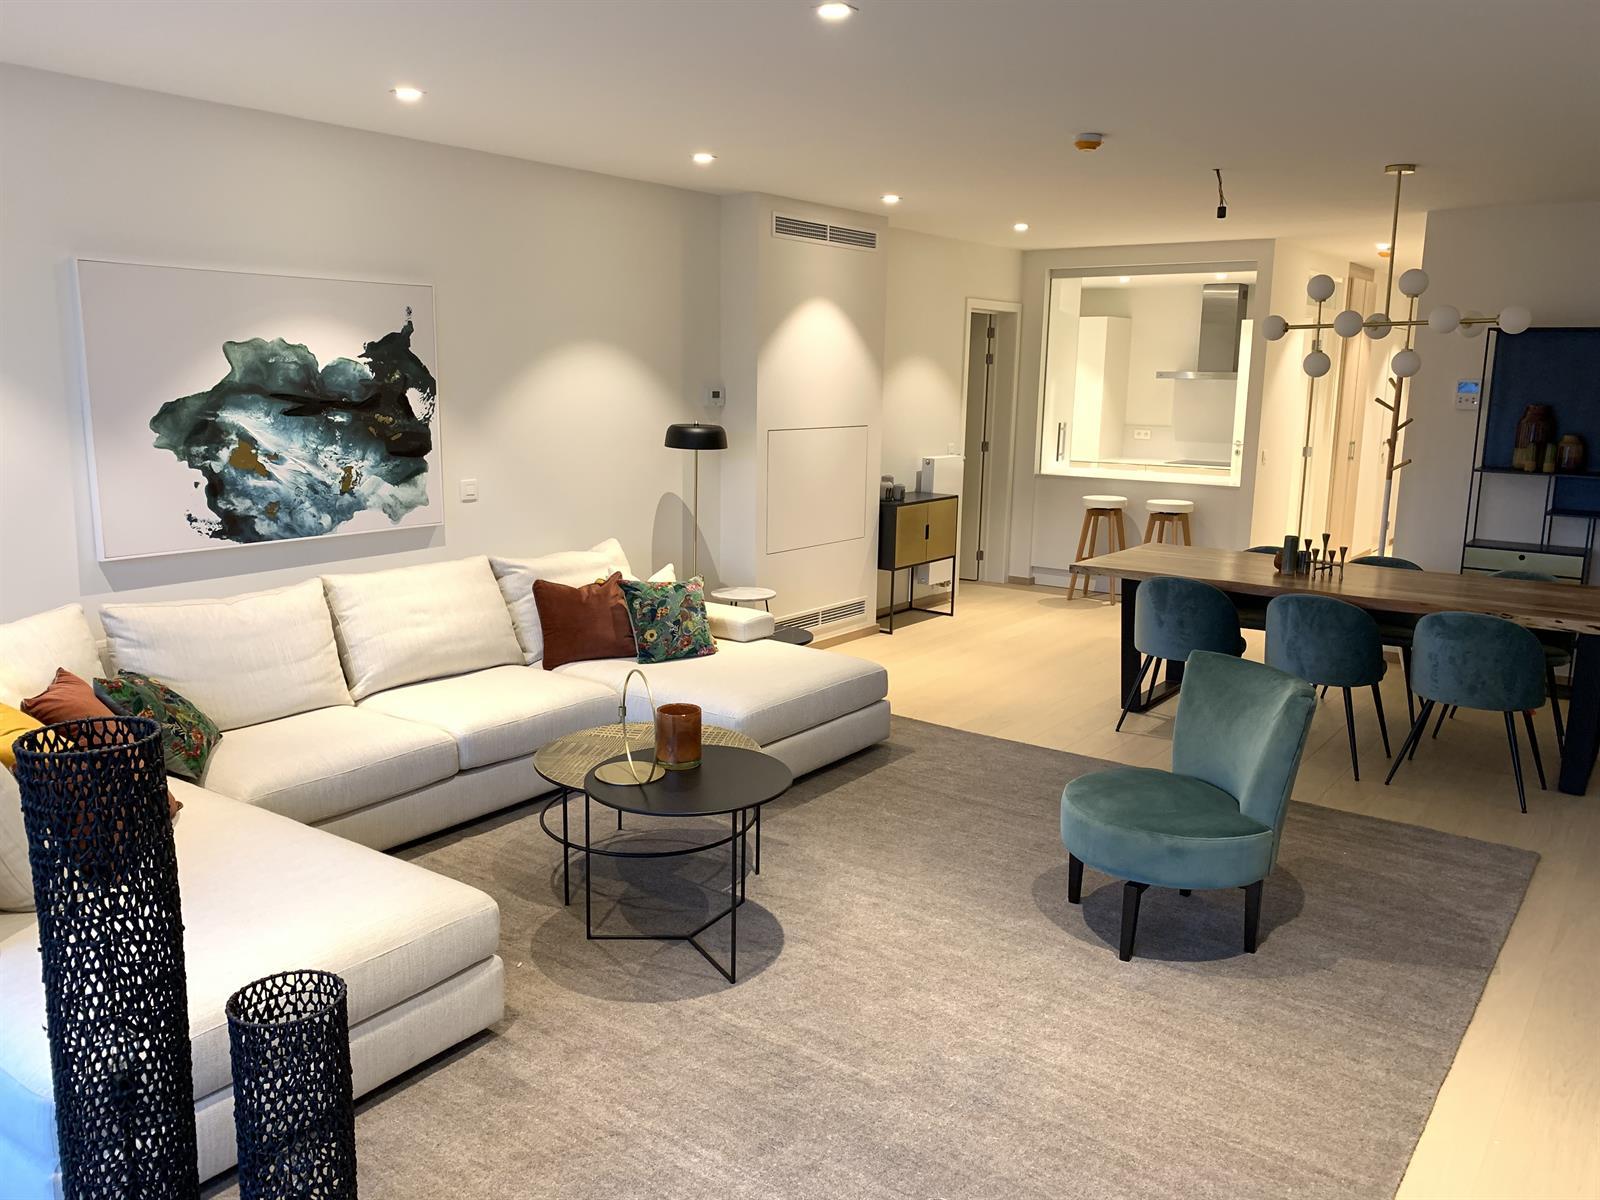 Appartement exceptionnel - Ixelles - #3929614-2